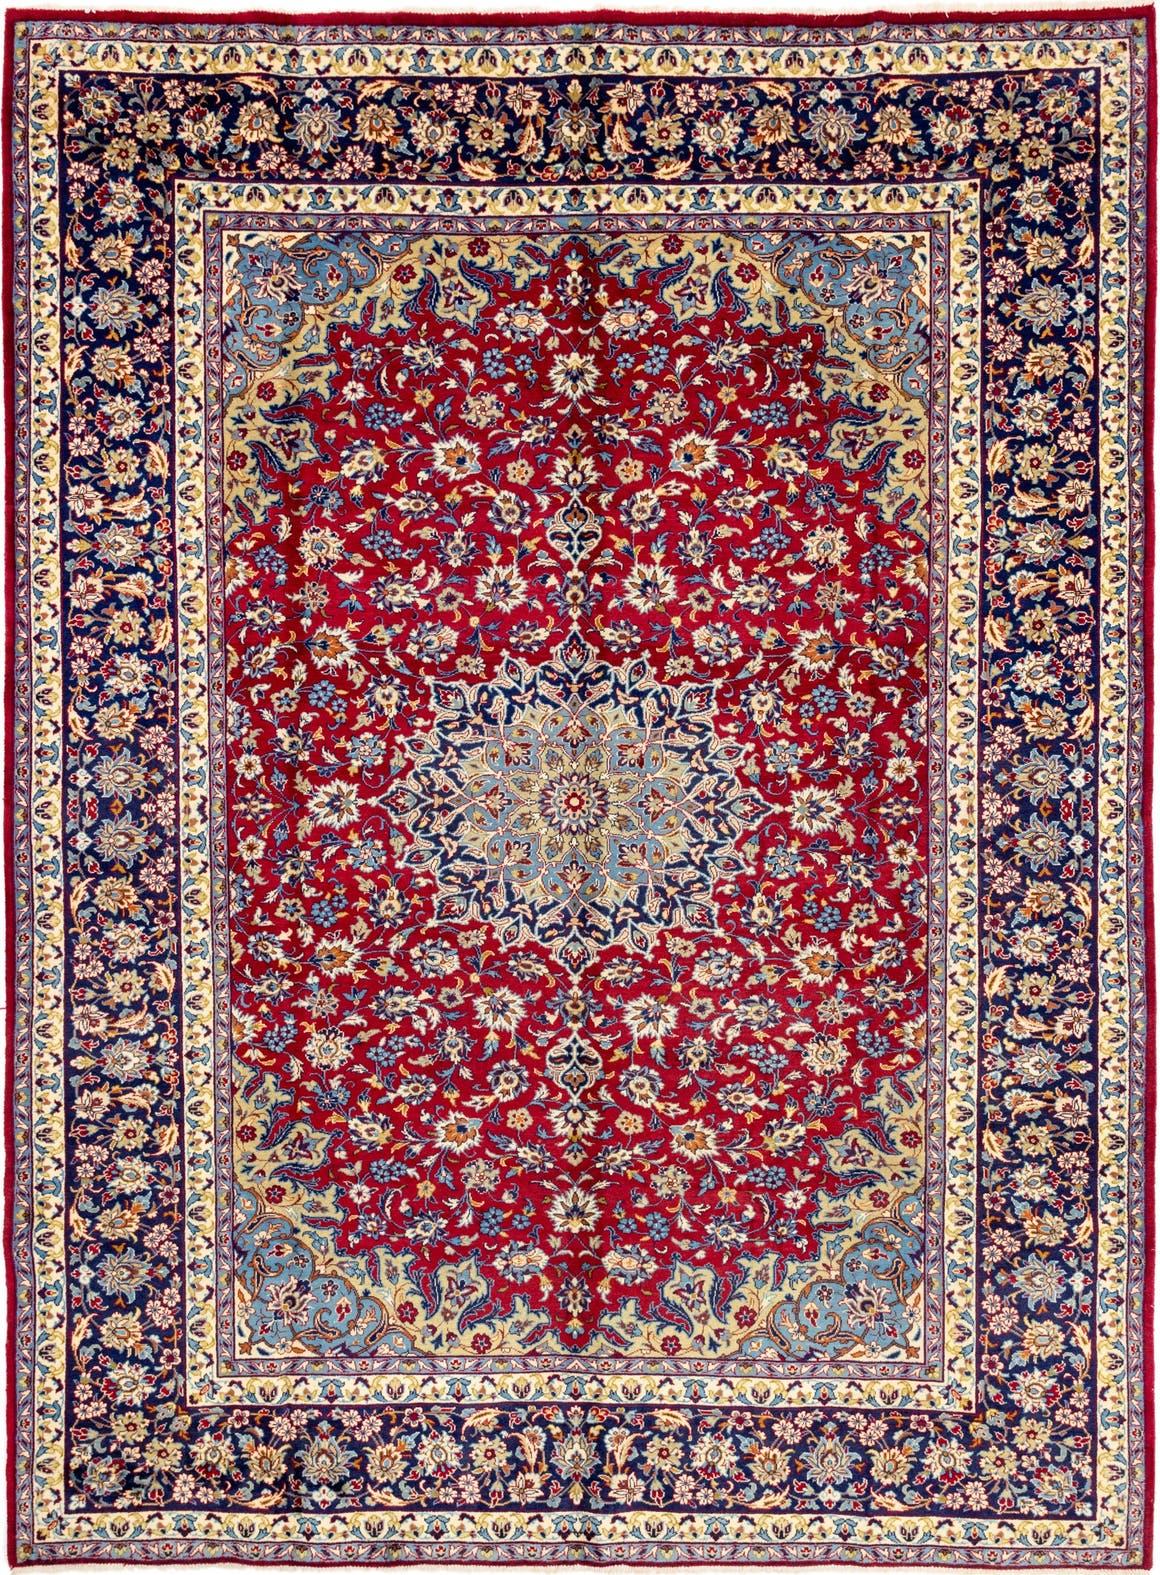 9' 9 x 13' 2 Isfahan Persian Rug main image